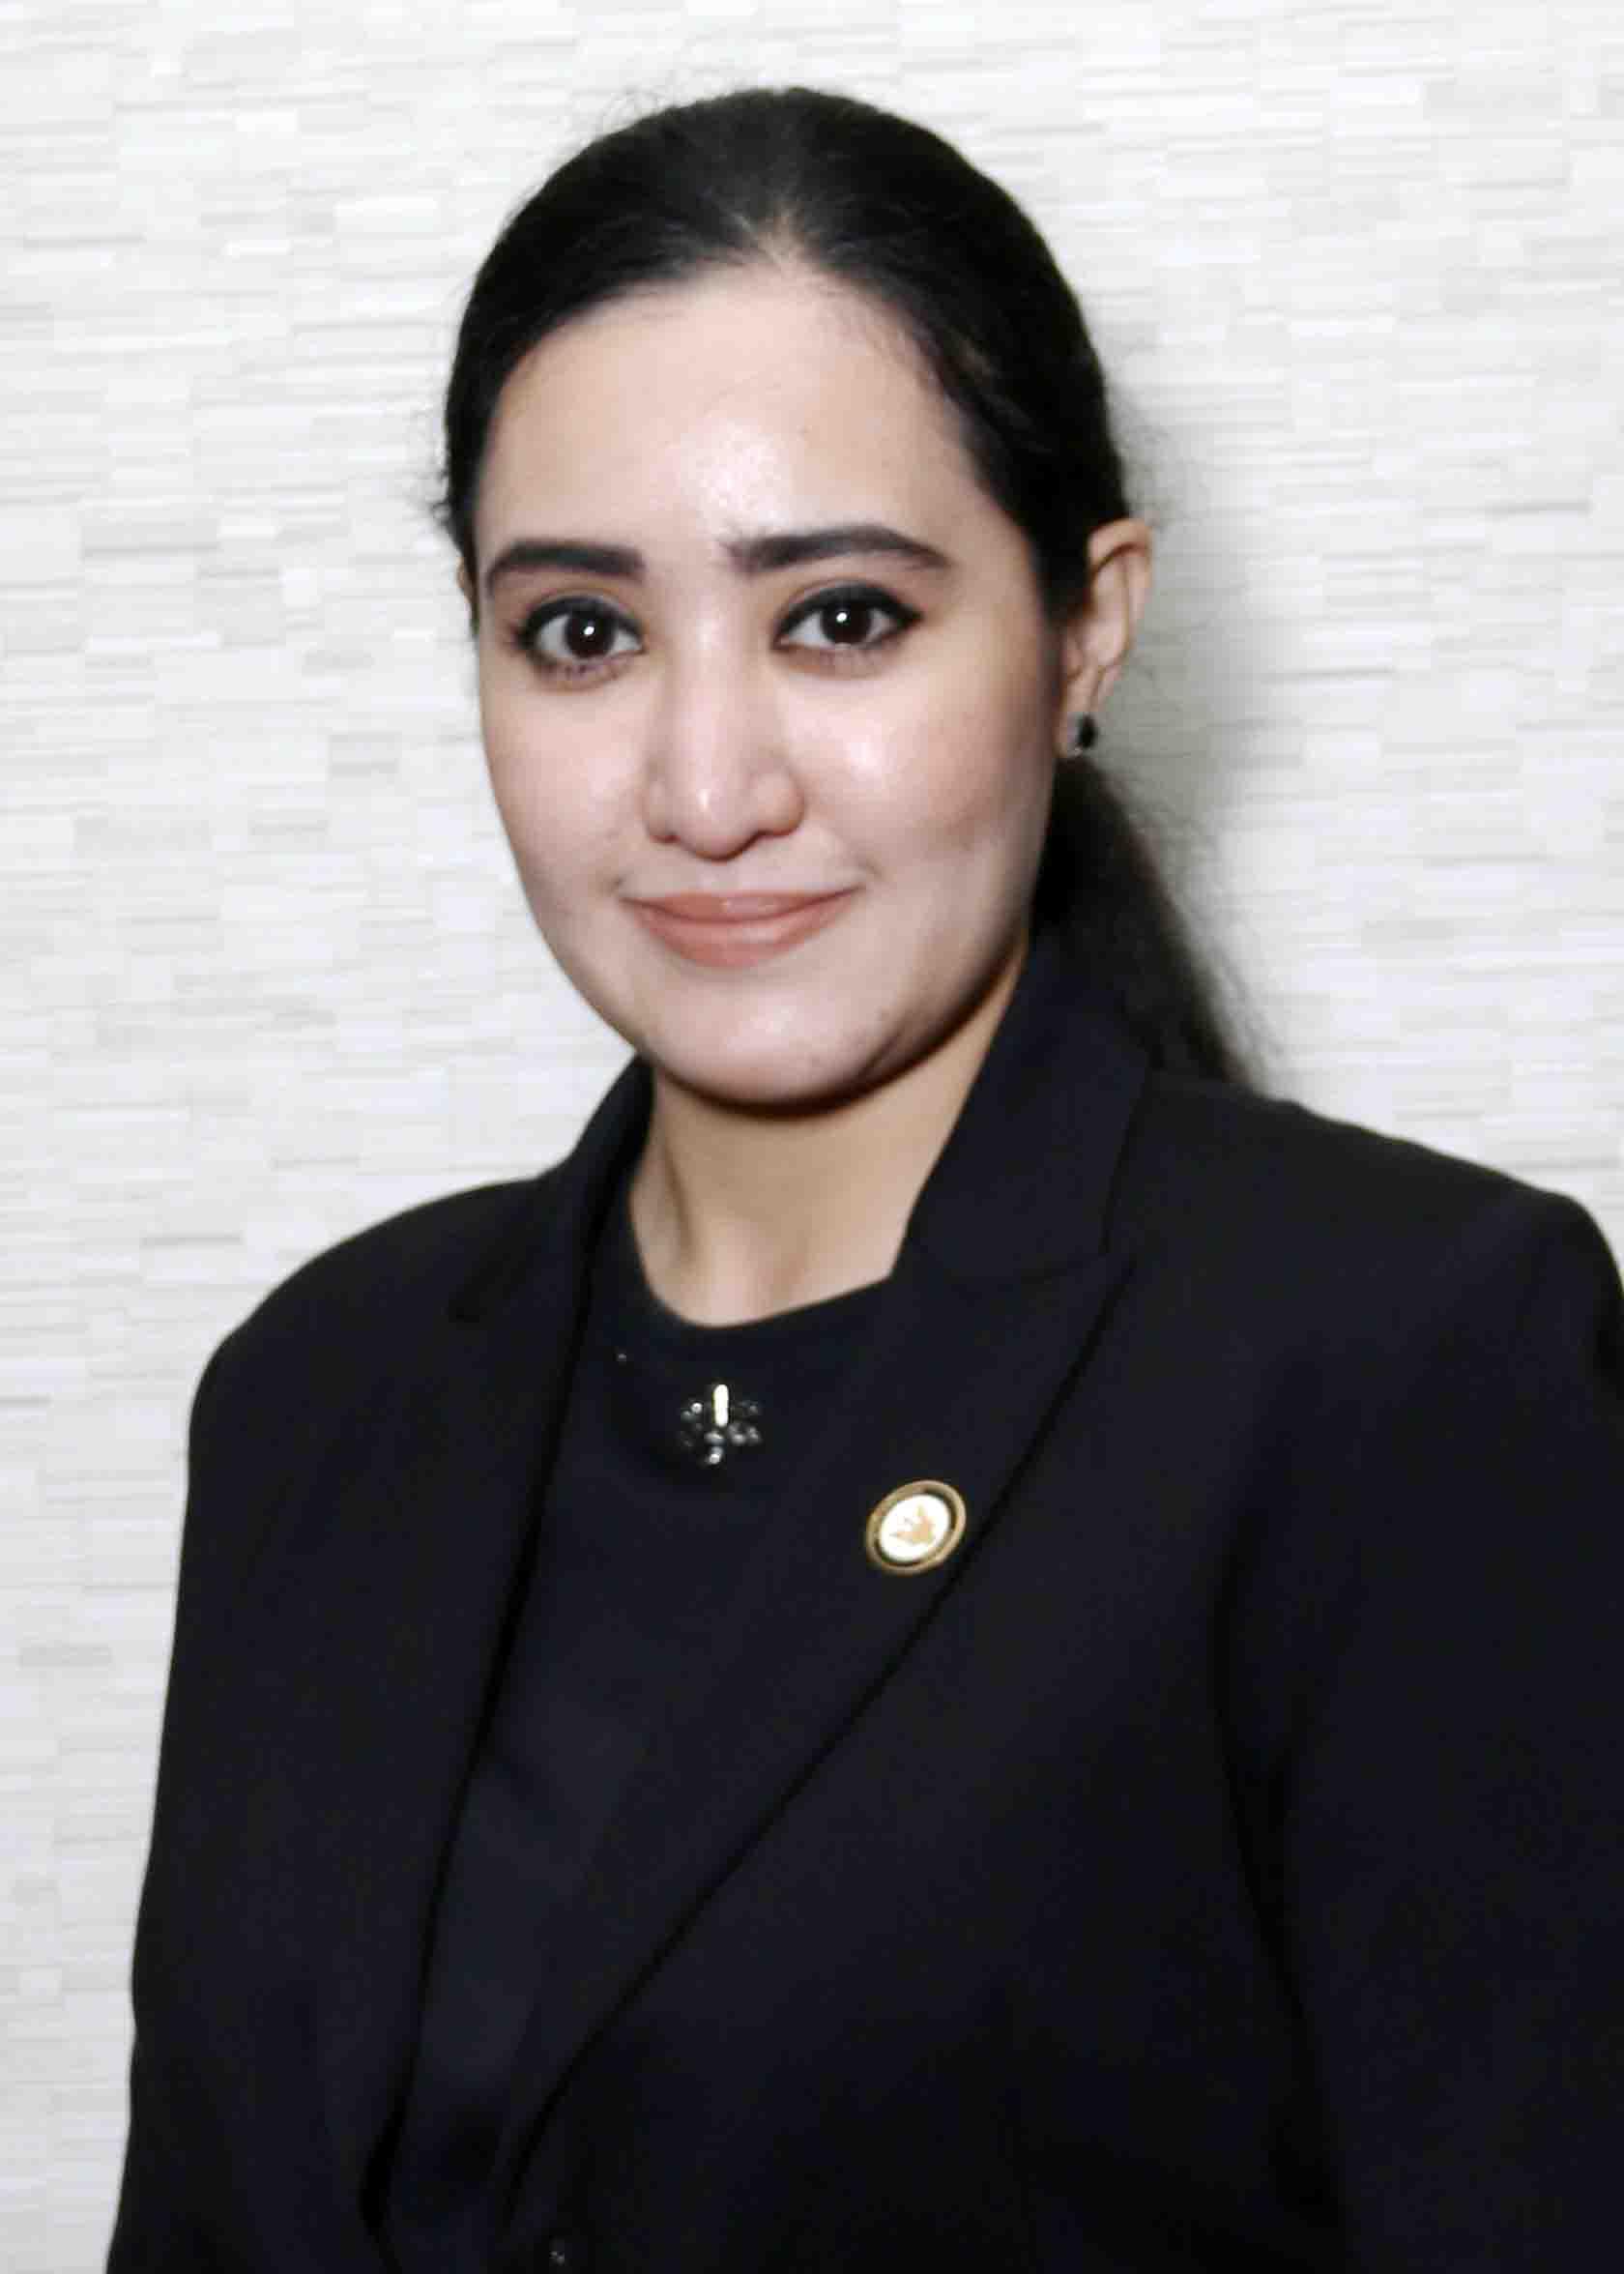 Noor Shamiza binti Samsudin